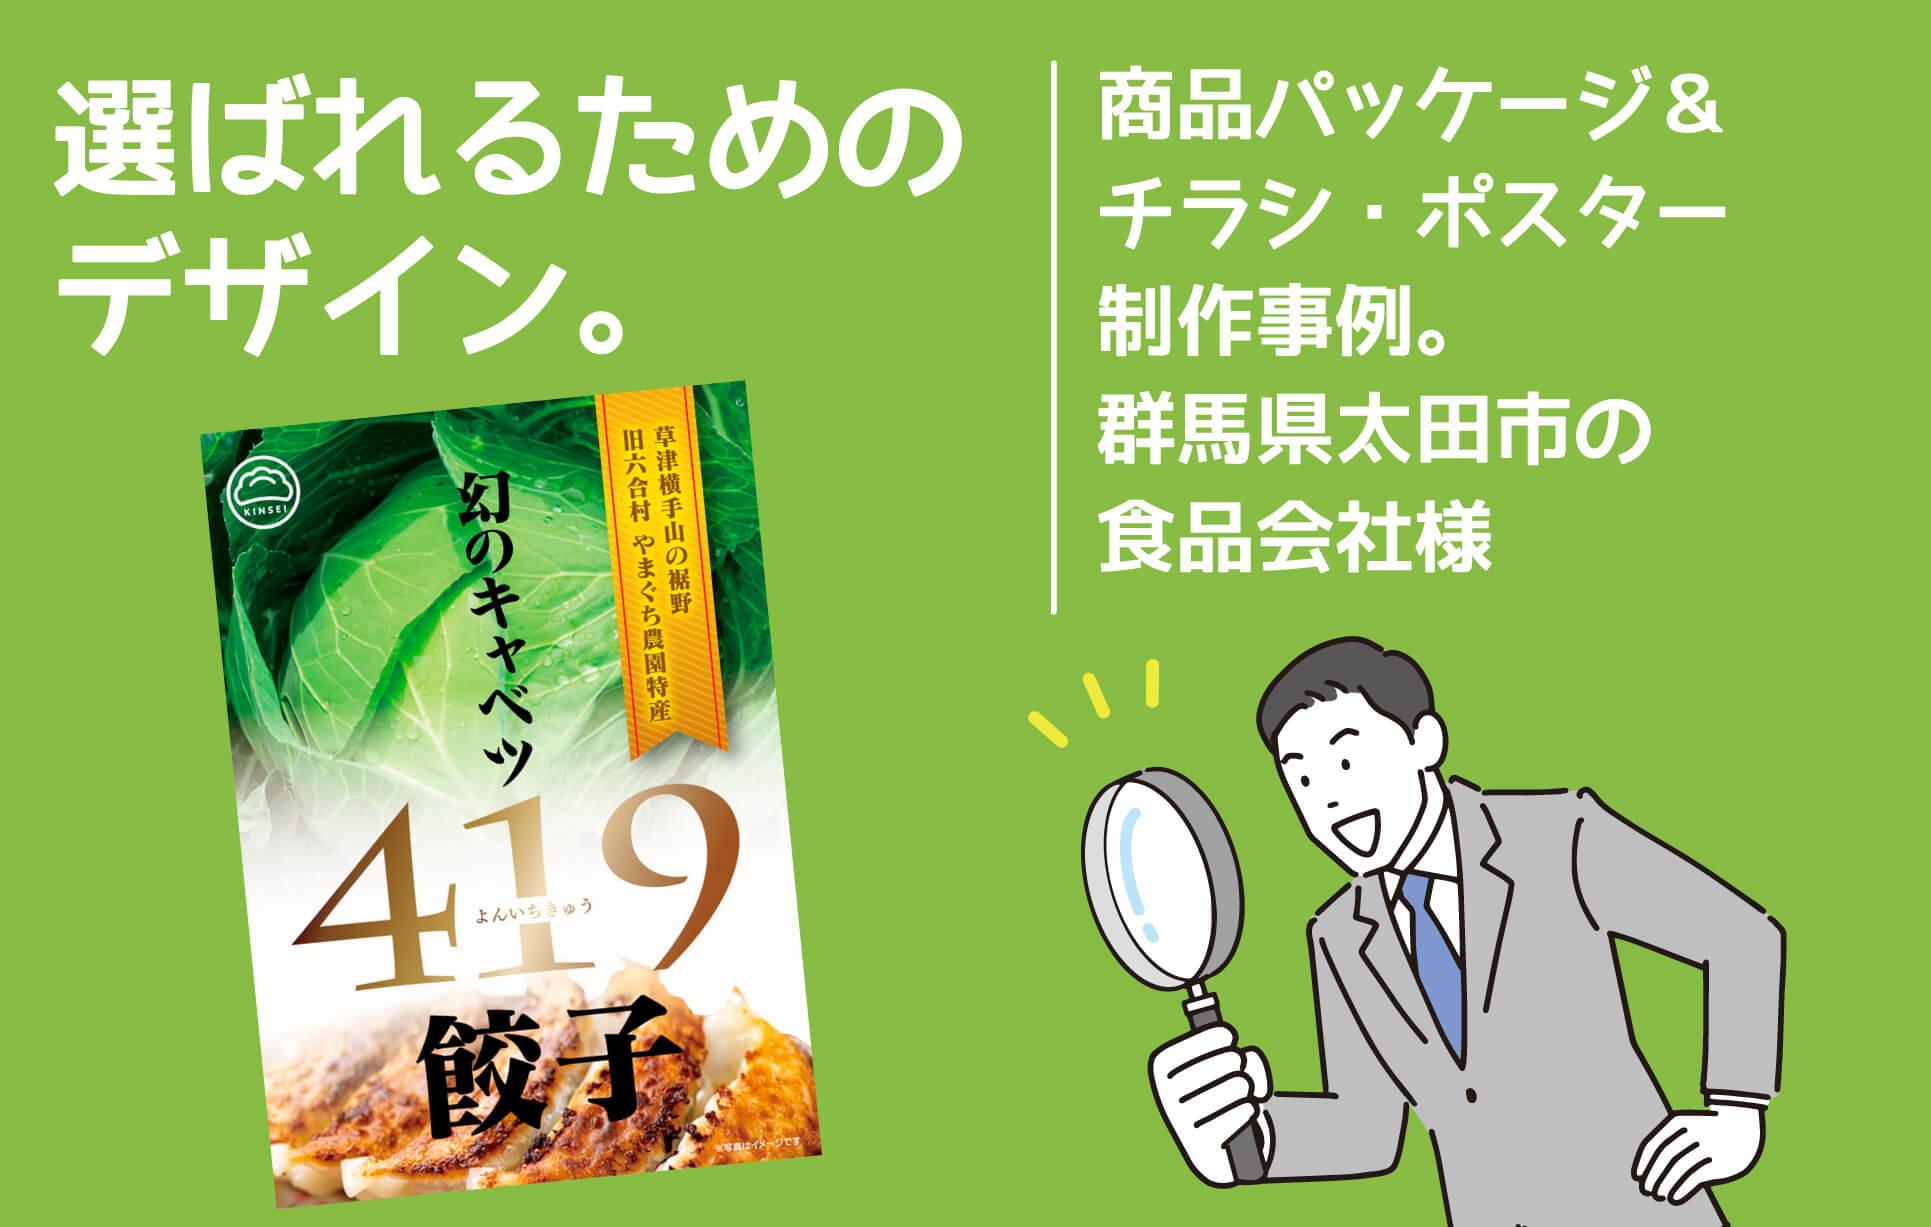 【太田市】食品会社様パッケージ・チラシ・ポスターデザイン制作事例/選ばれるデザインを作る